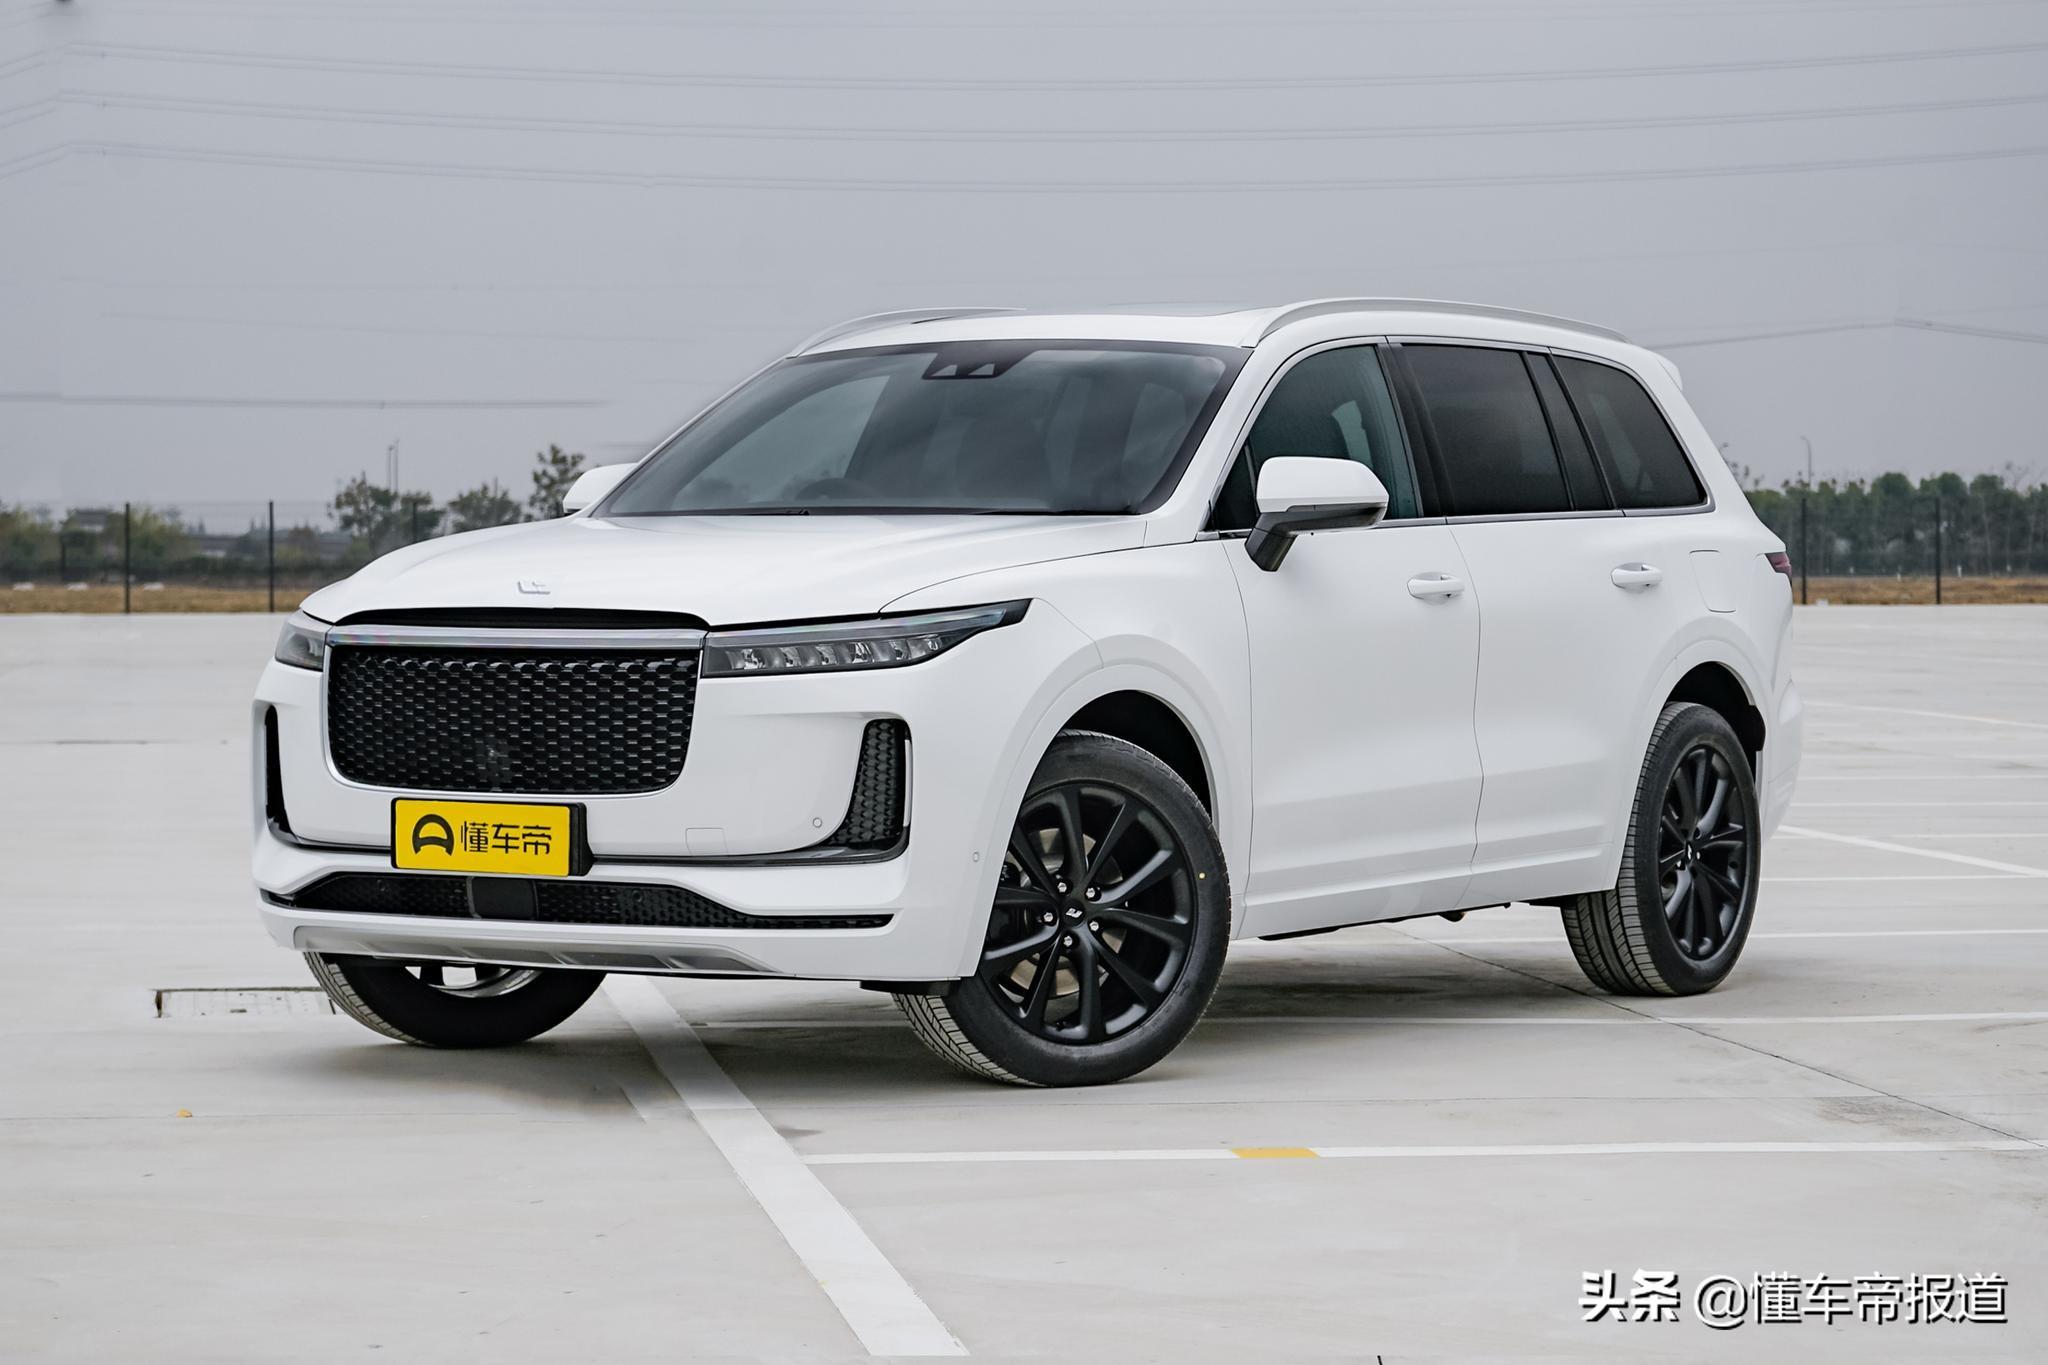 重磅|理想汽車:2022年發布全尺寸SUV,還是增程式